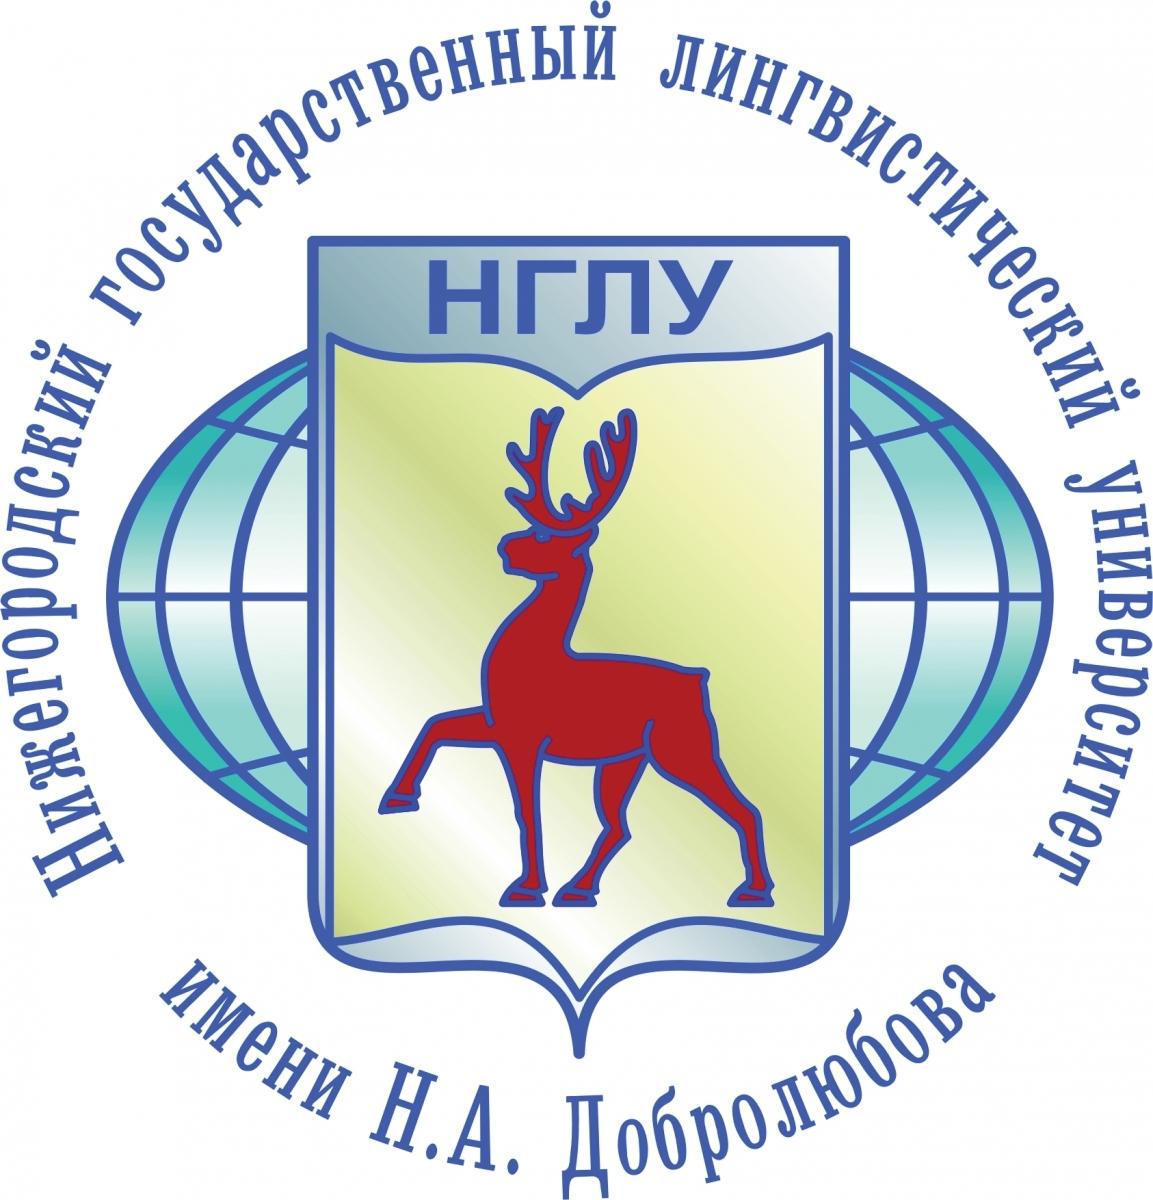 Нижегородский государственный лингвистический университет им. Н.А. Добролюбова